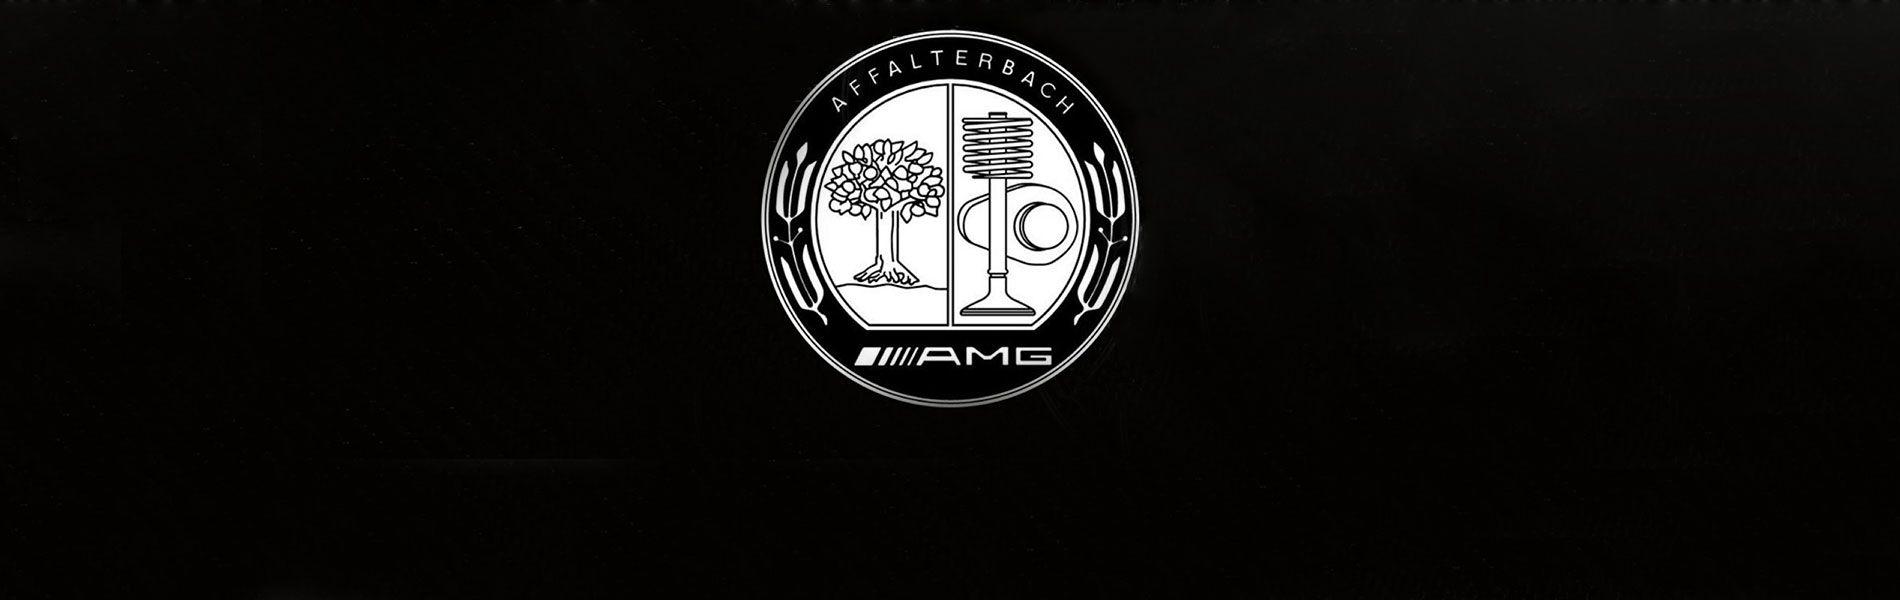 AMG-ის შექმნის ისტორია